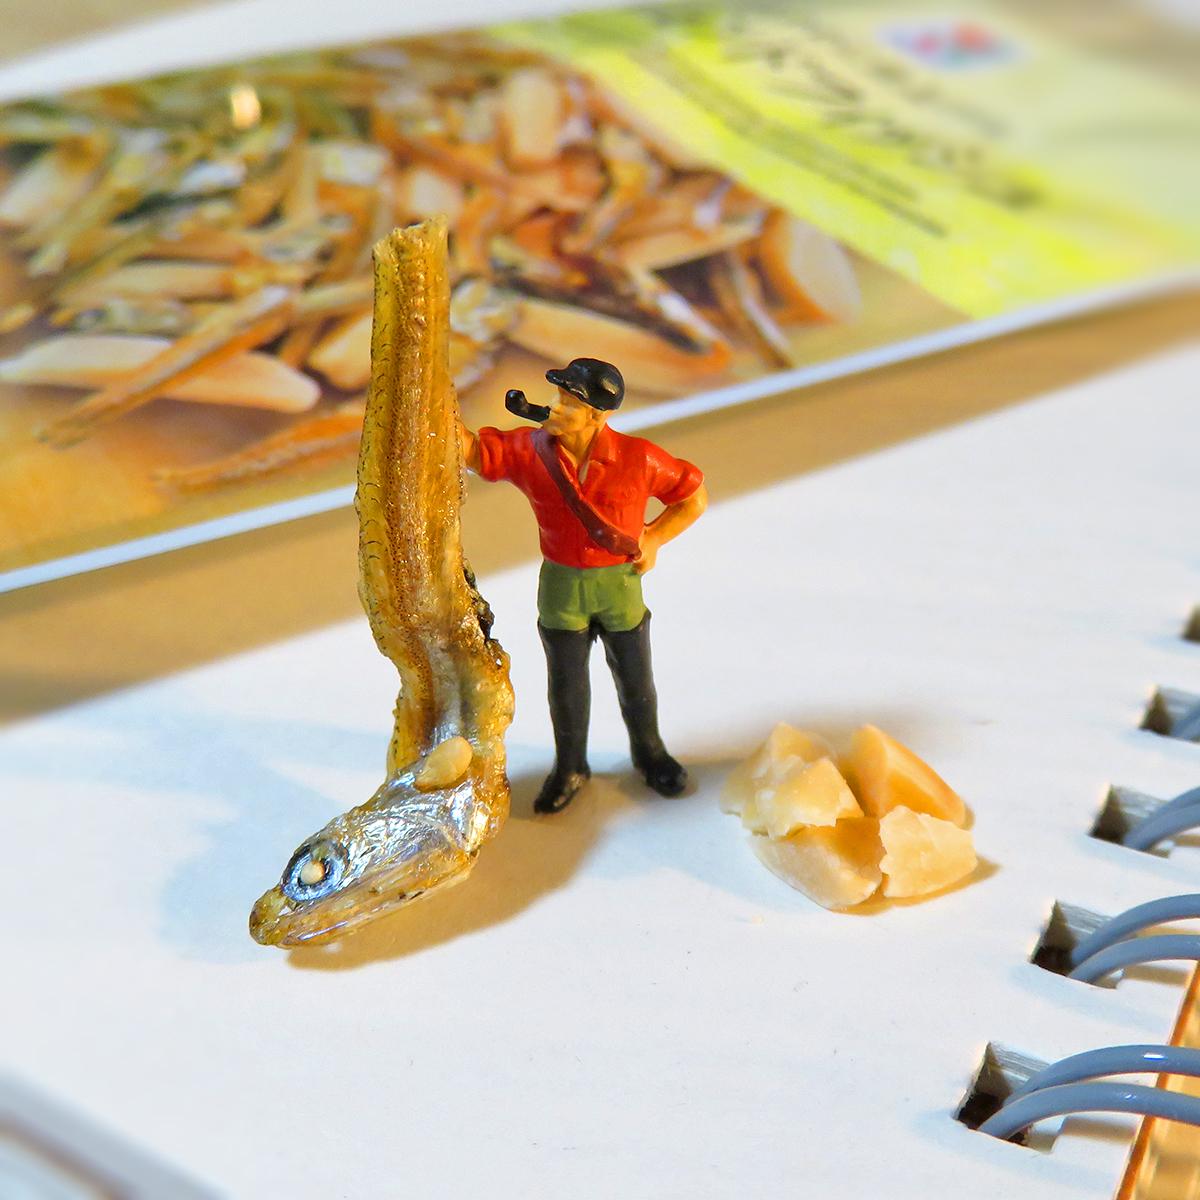 乾燥魚アーモンドフィッシュを釣り上げた釣り人